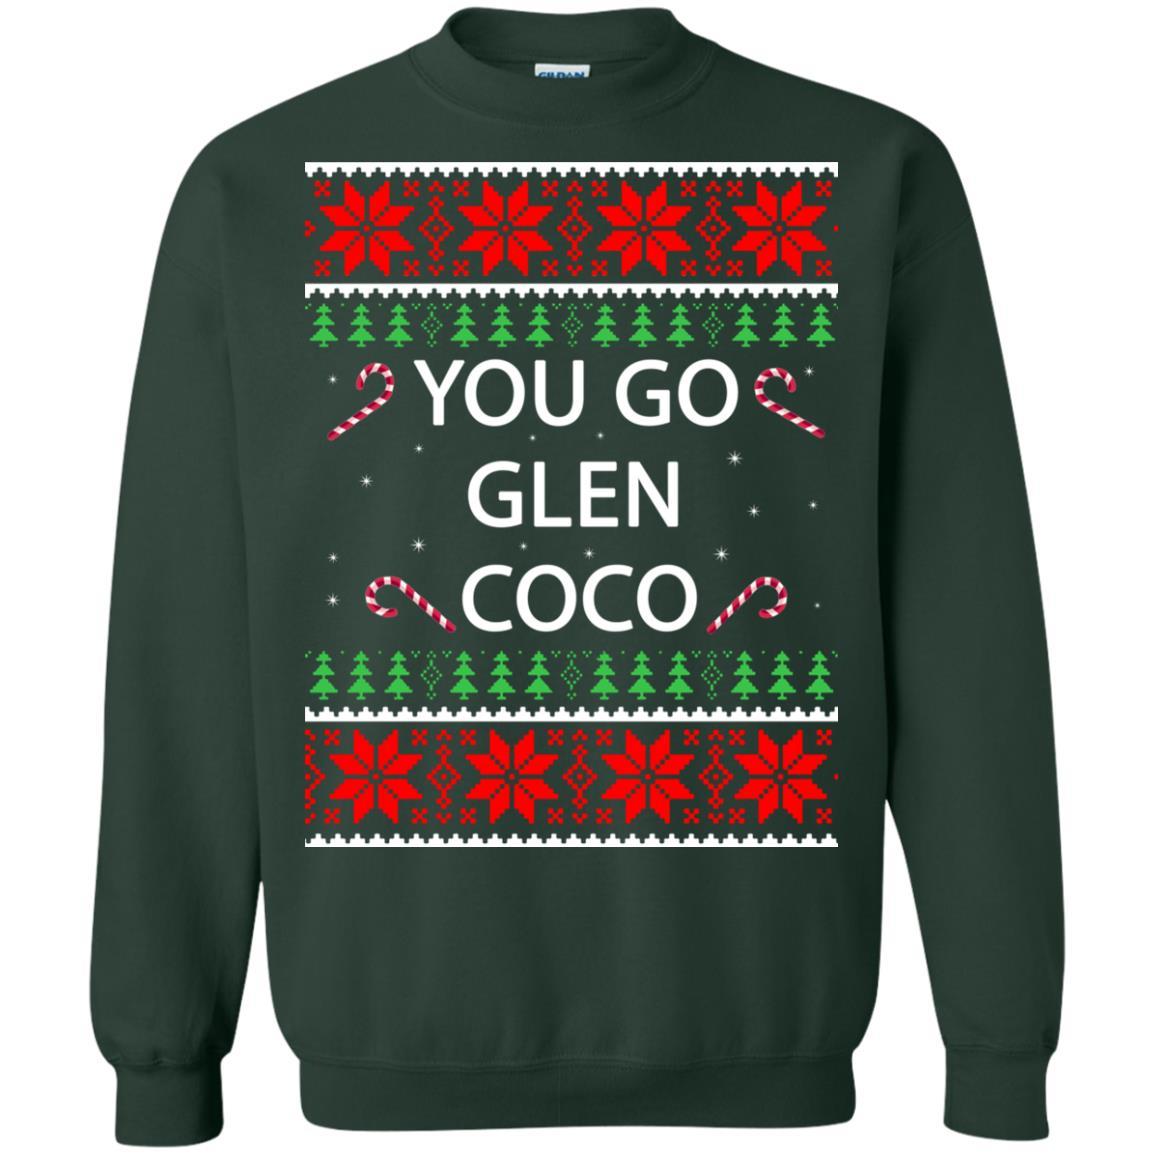 image 3156 - You Go Glen Coco Sweatshirts, Hoodie, Tank